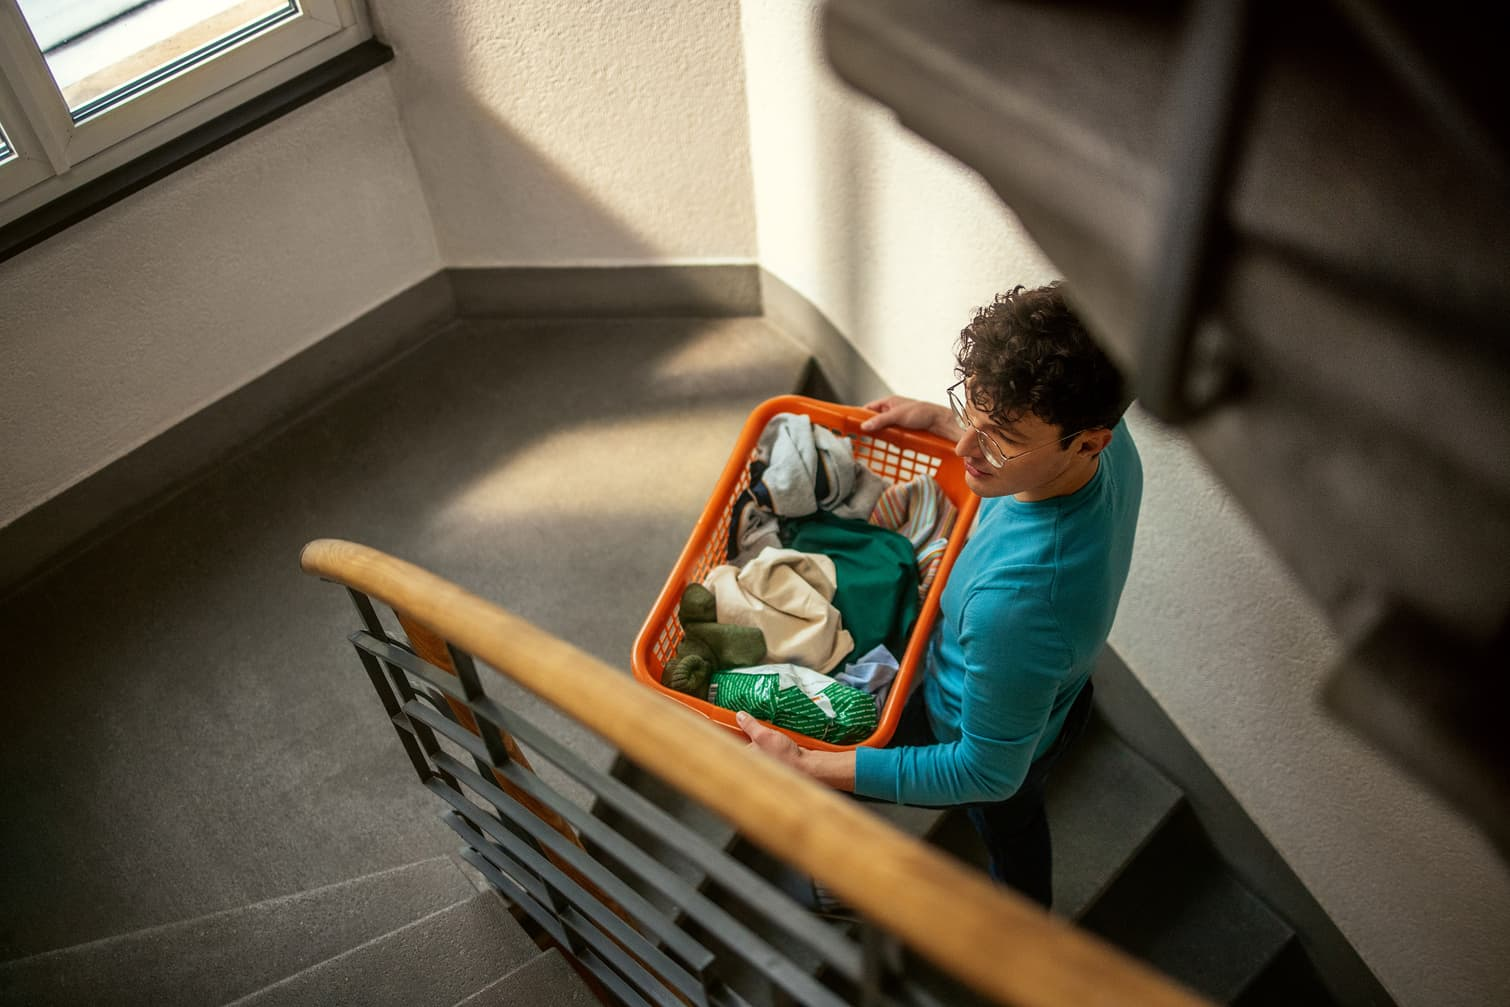 Un jeune homme portant un panier rempli de linge monte l'escalier de la maison.